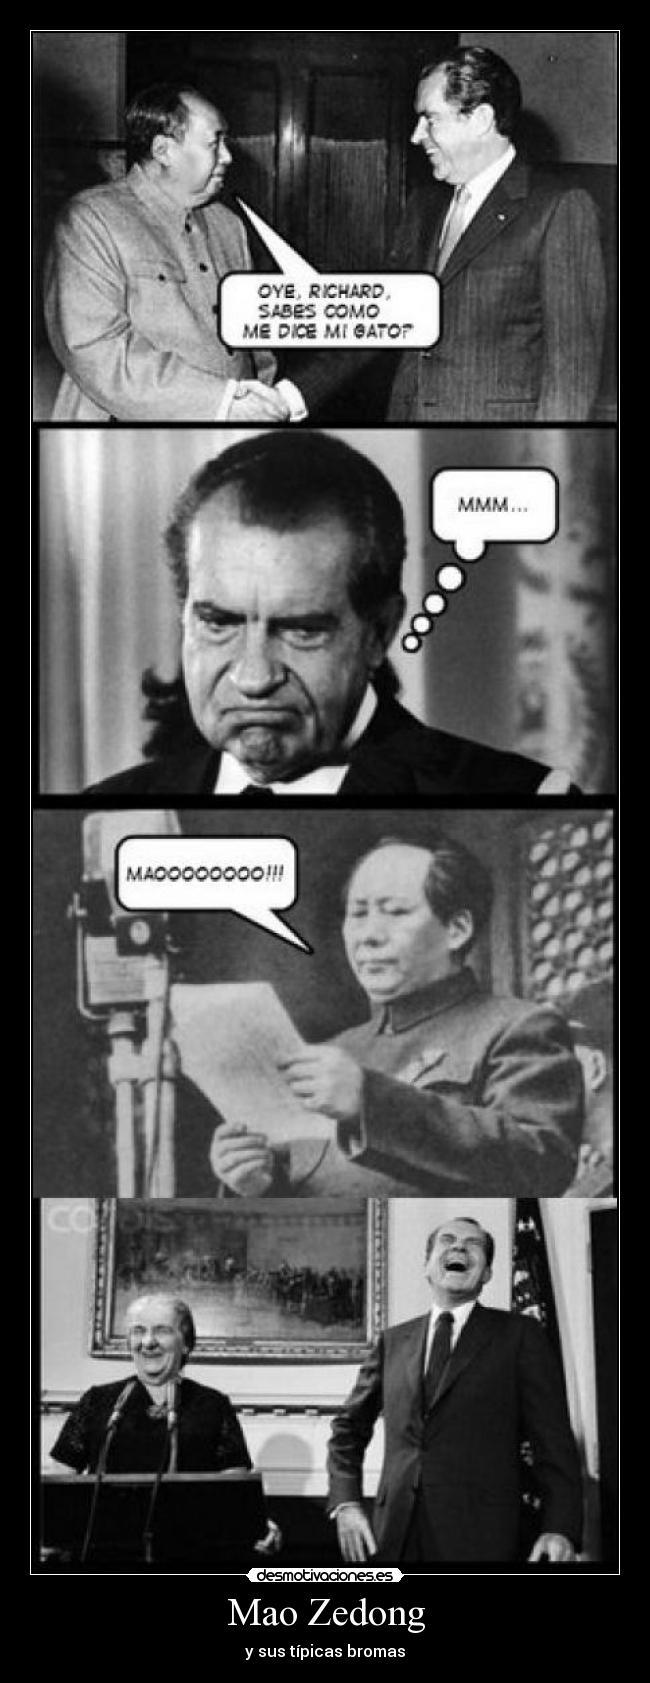 Imagenes de humor Comunista y Capitalista 39589_1514656998067_1583702552_1246160_7919599_n